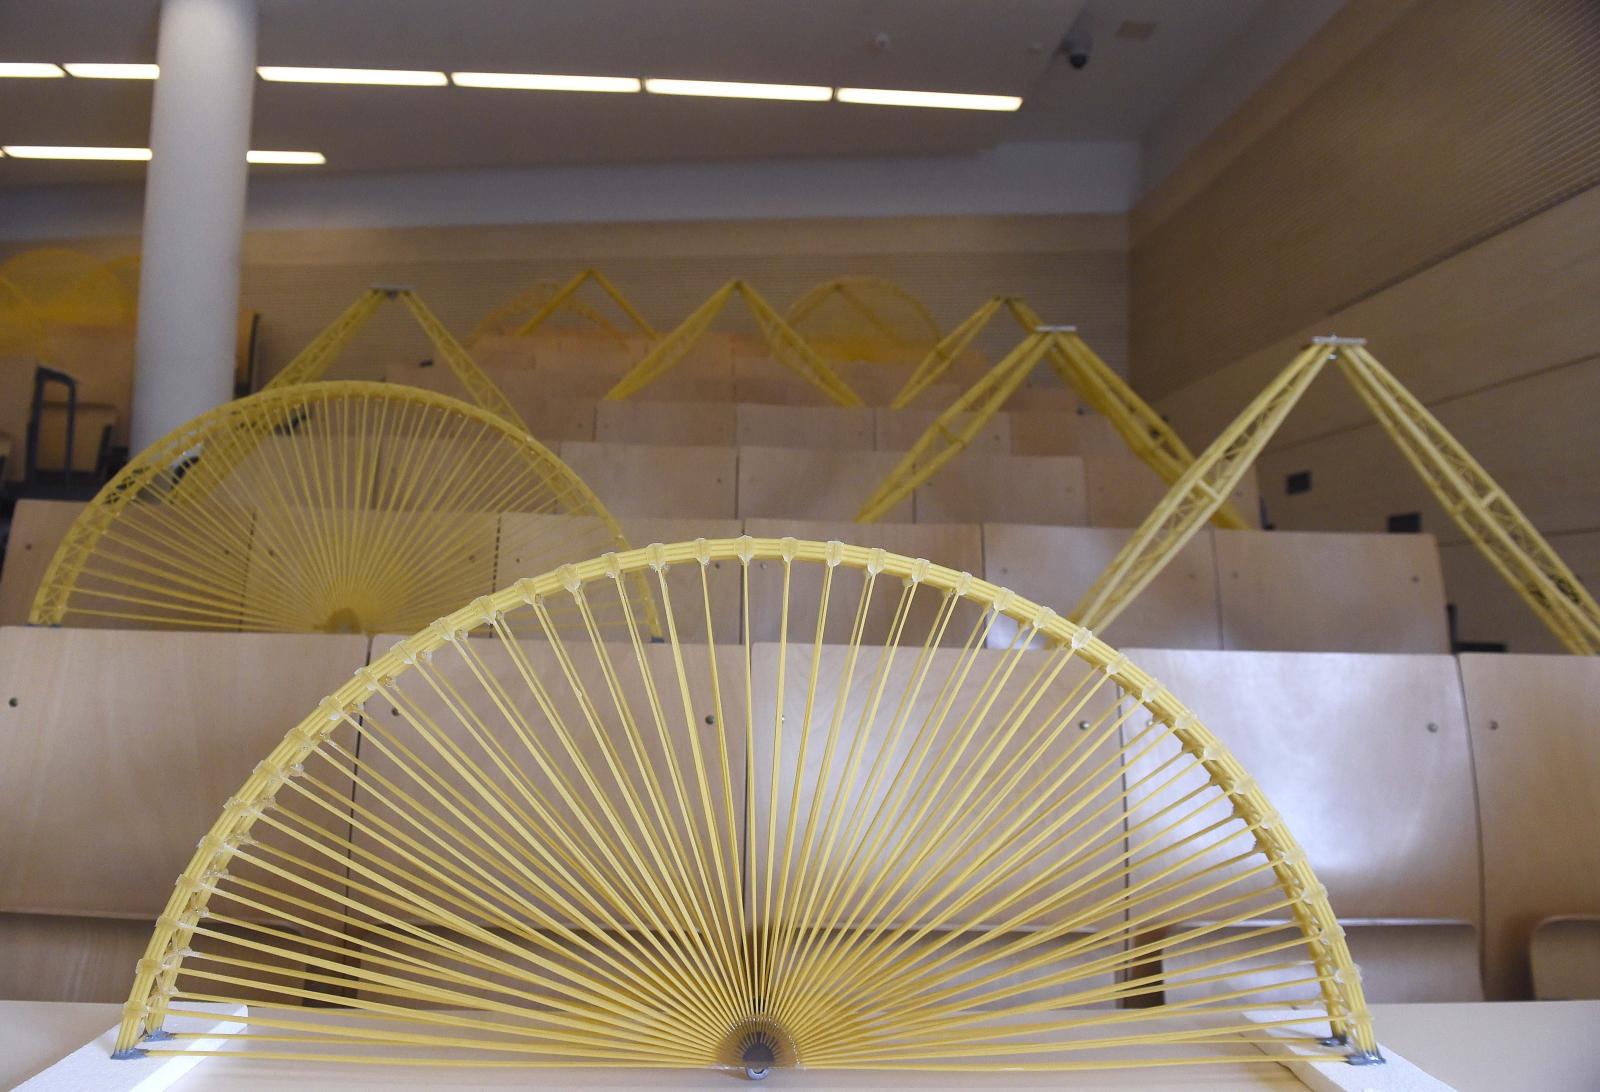 Mistrzostwa w budowaniu mostów z makaronu, Budapeszt, Węgry. Fot. PAP/EPA/Noemi Bruzak